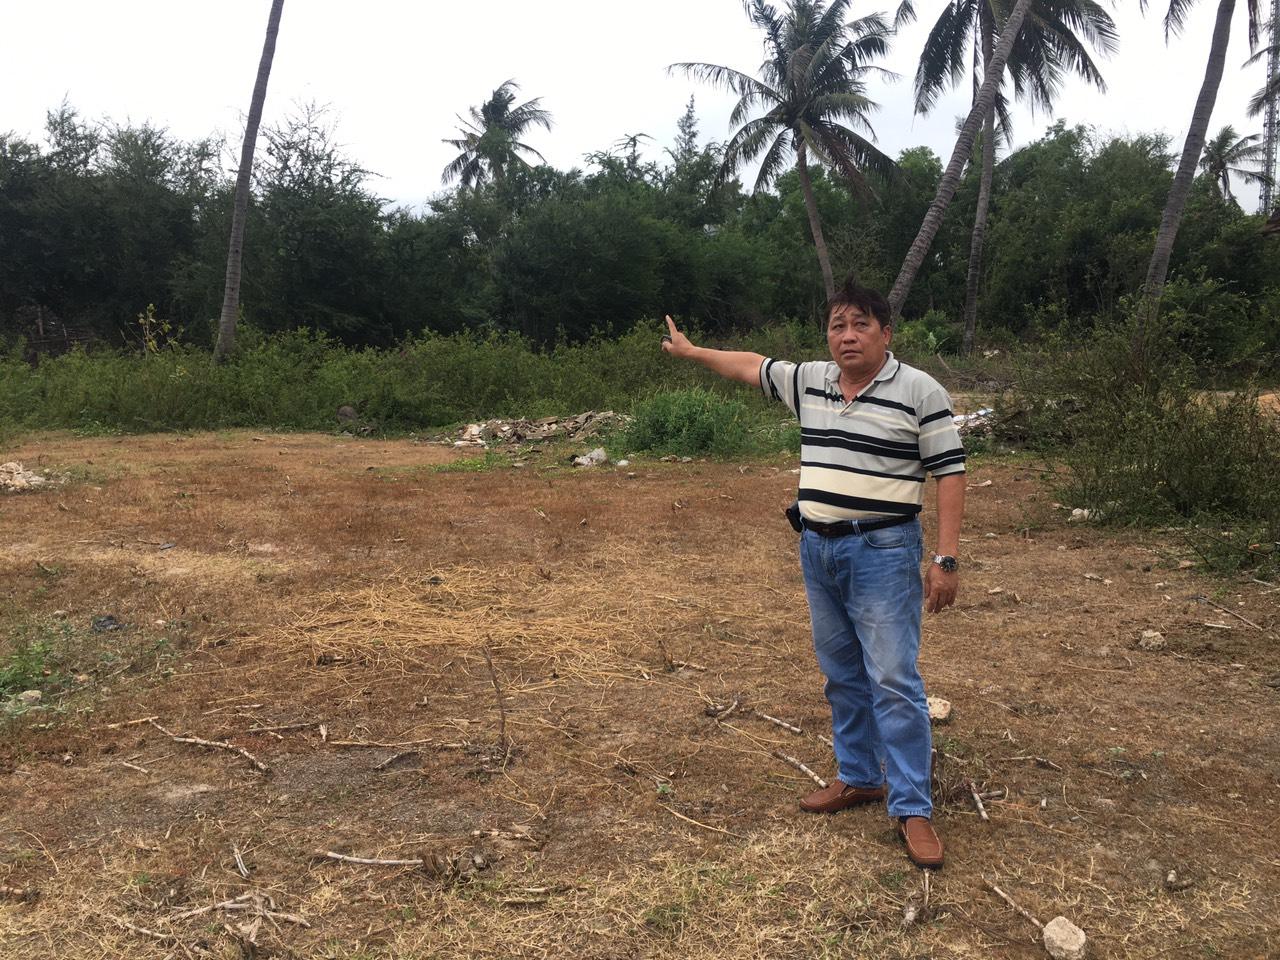 Ông Trần Quang Huỳnh là thế hệ thứ 2 (con ruột ông Trần Quang Huấn đã mất) tiếp tục gửi đơn thư khiếu kiện chính quyền đòi 2.675m2 đất hương hỏa cho tới nay.